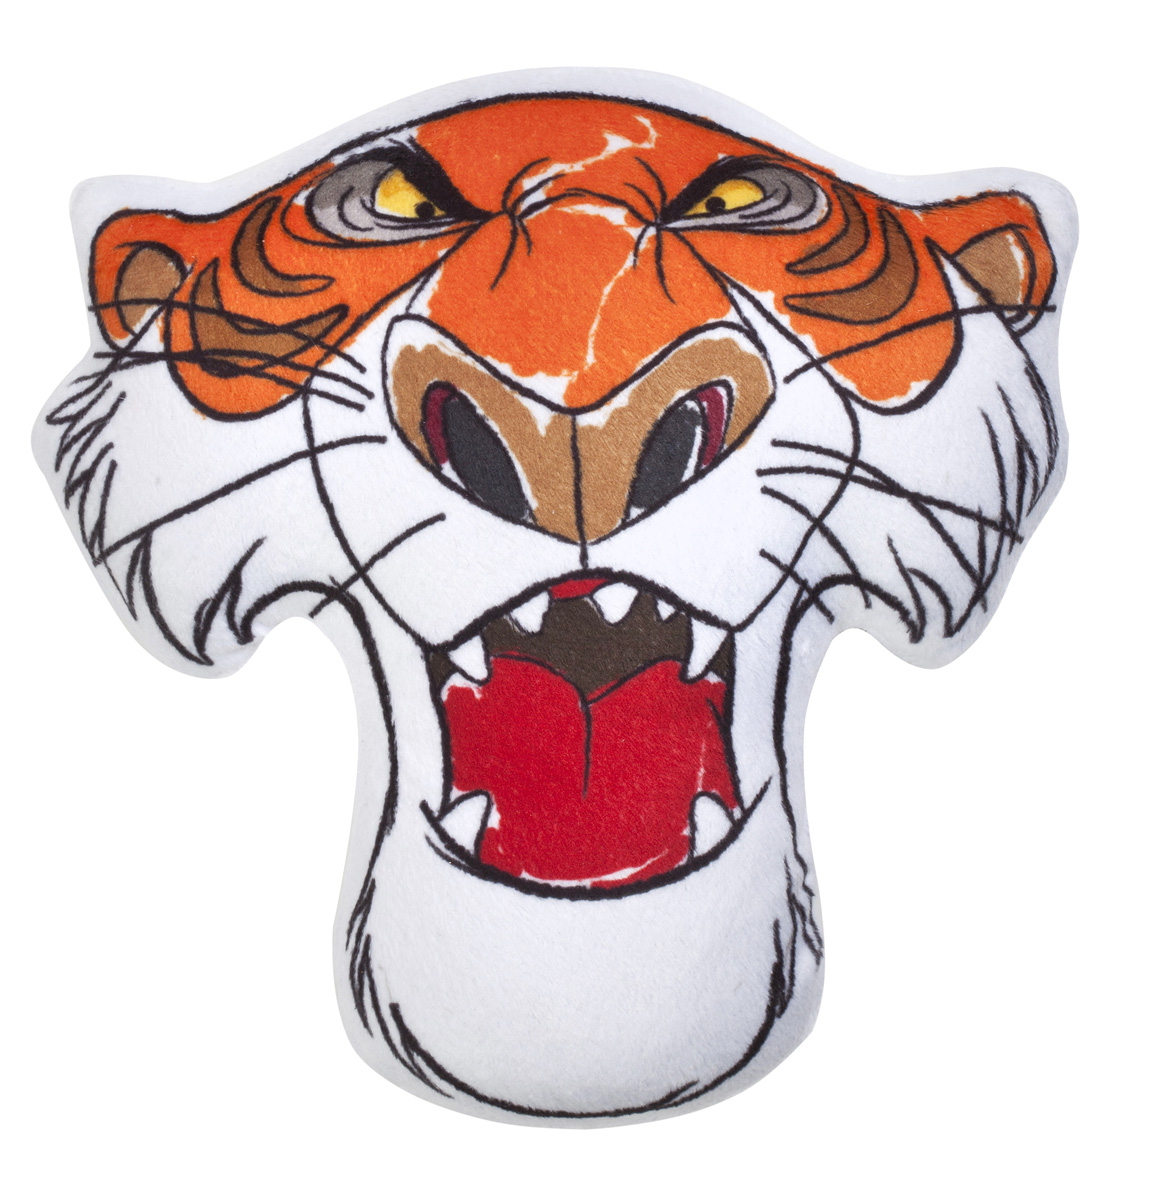 Disney Мягкая игрушка The Jungle Book Шерхан набор для выращивания eco победитель 1021368